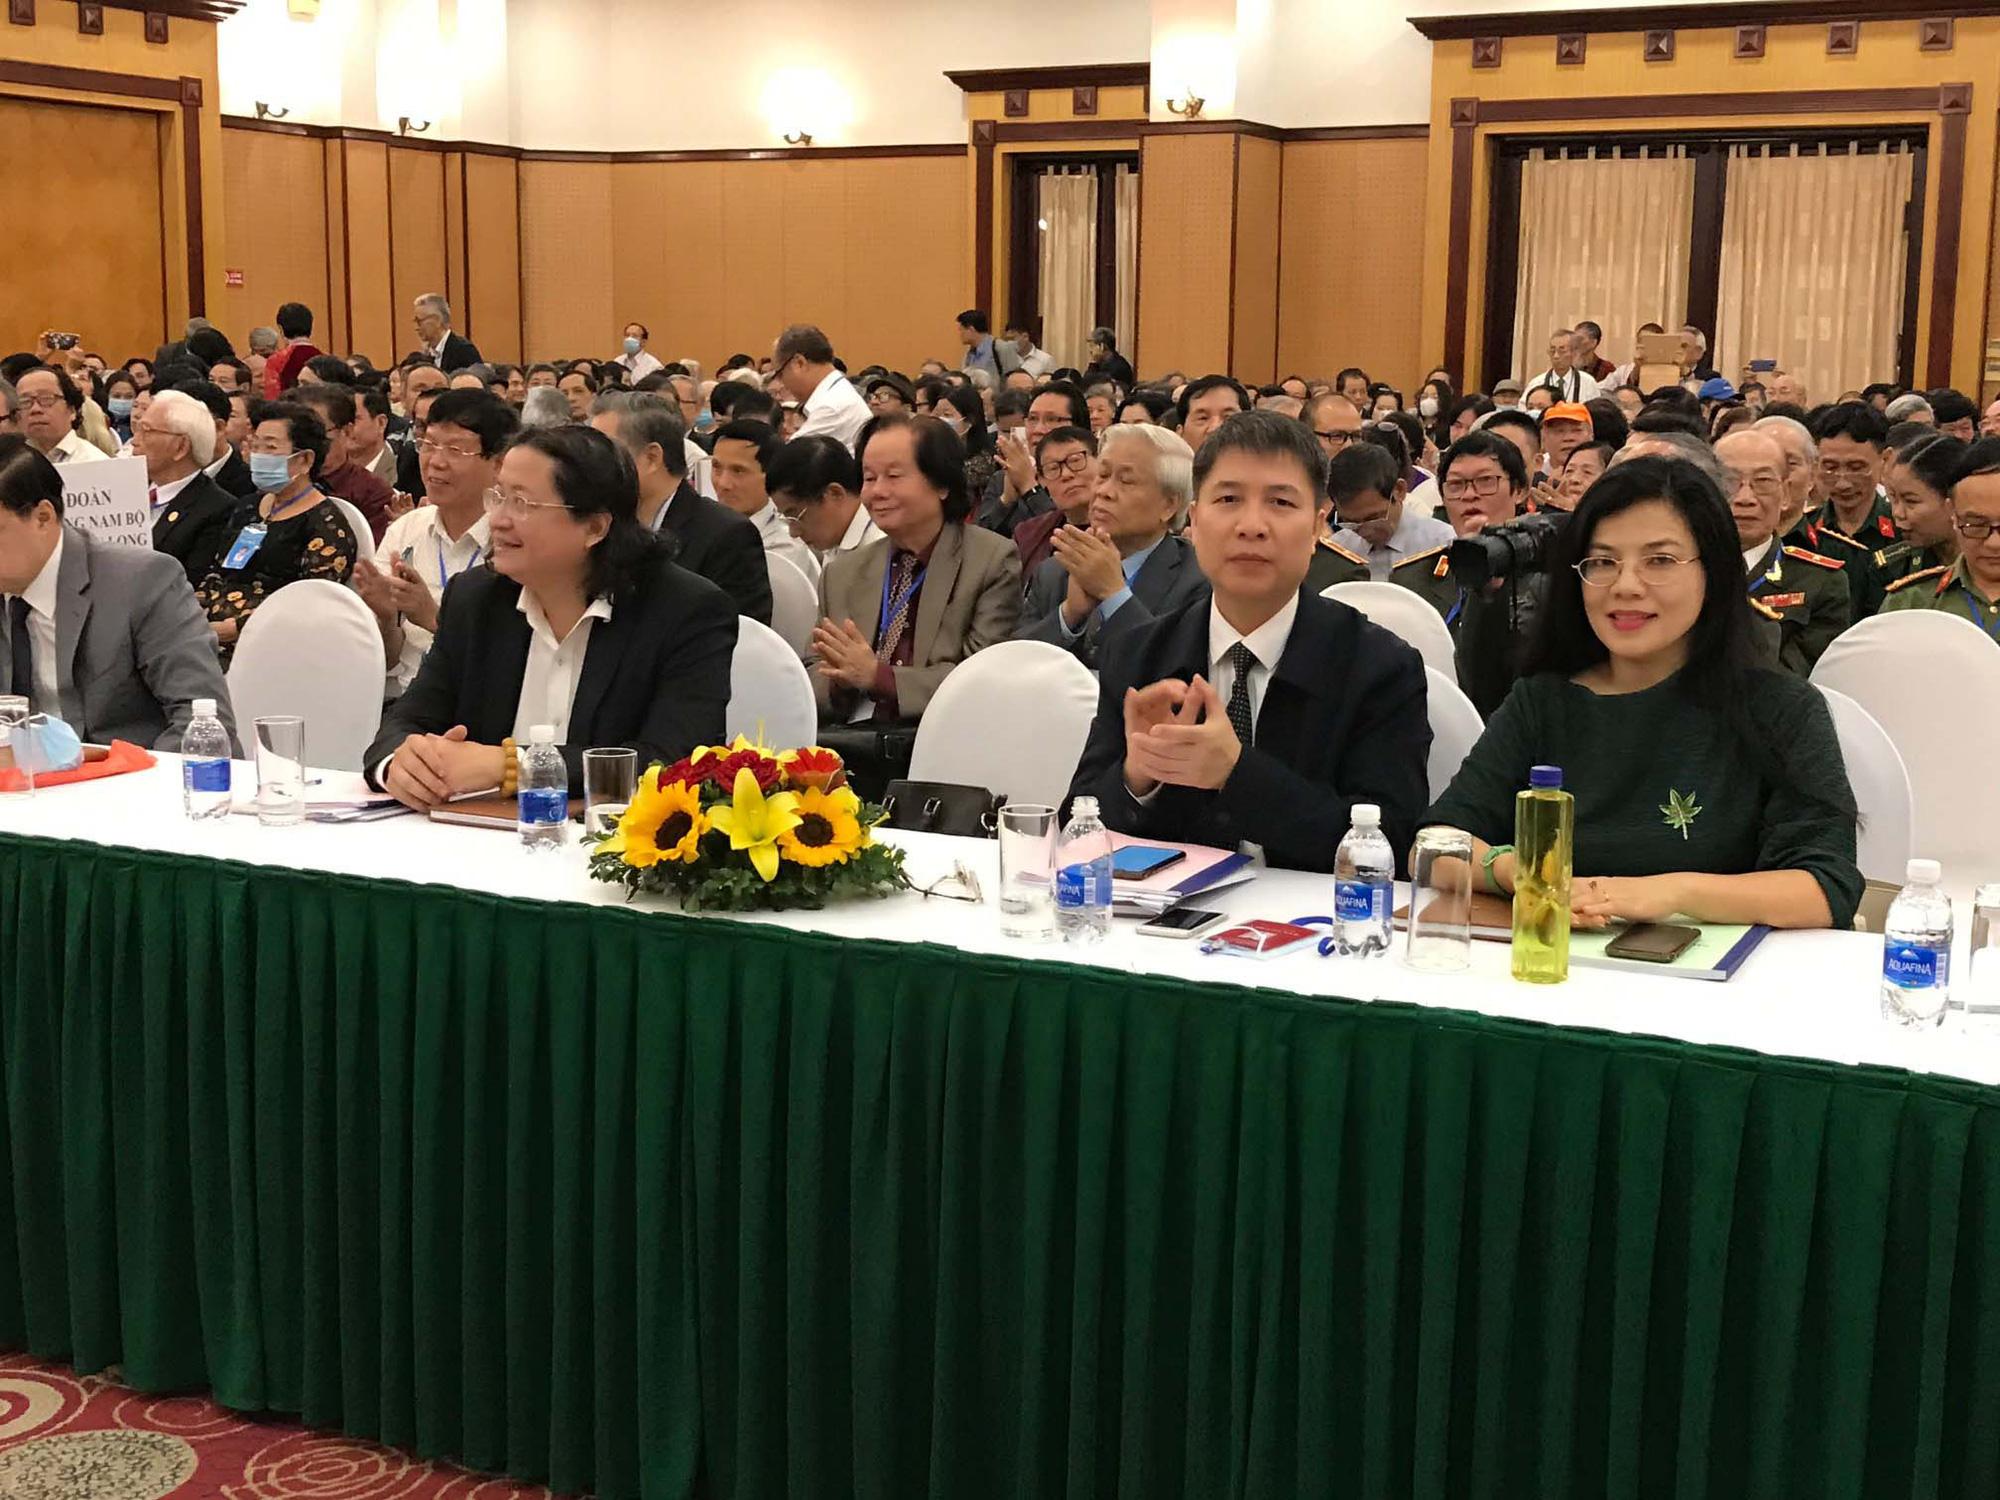 Đại hội Hội nhà văn Việt Nam khoá X: Kỳ vọng nhiều tác phẩm về nông thôn và chống tham nhũng.  - Ảnh 2.